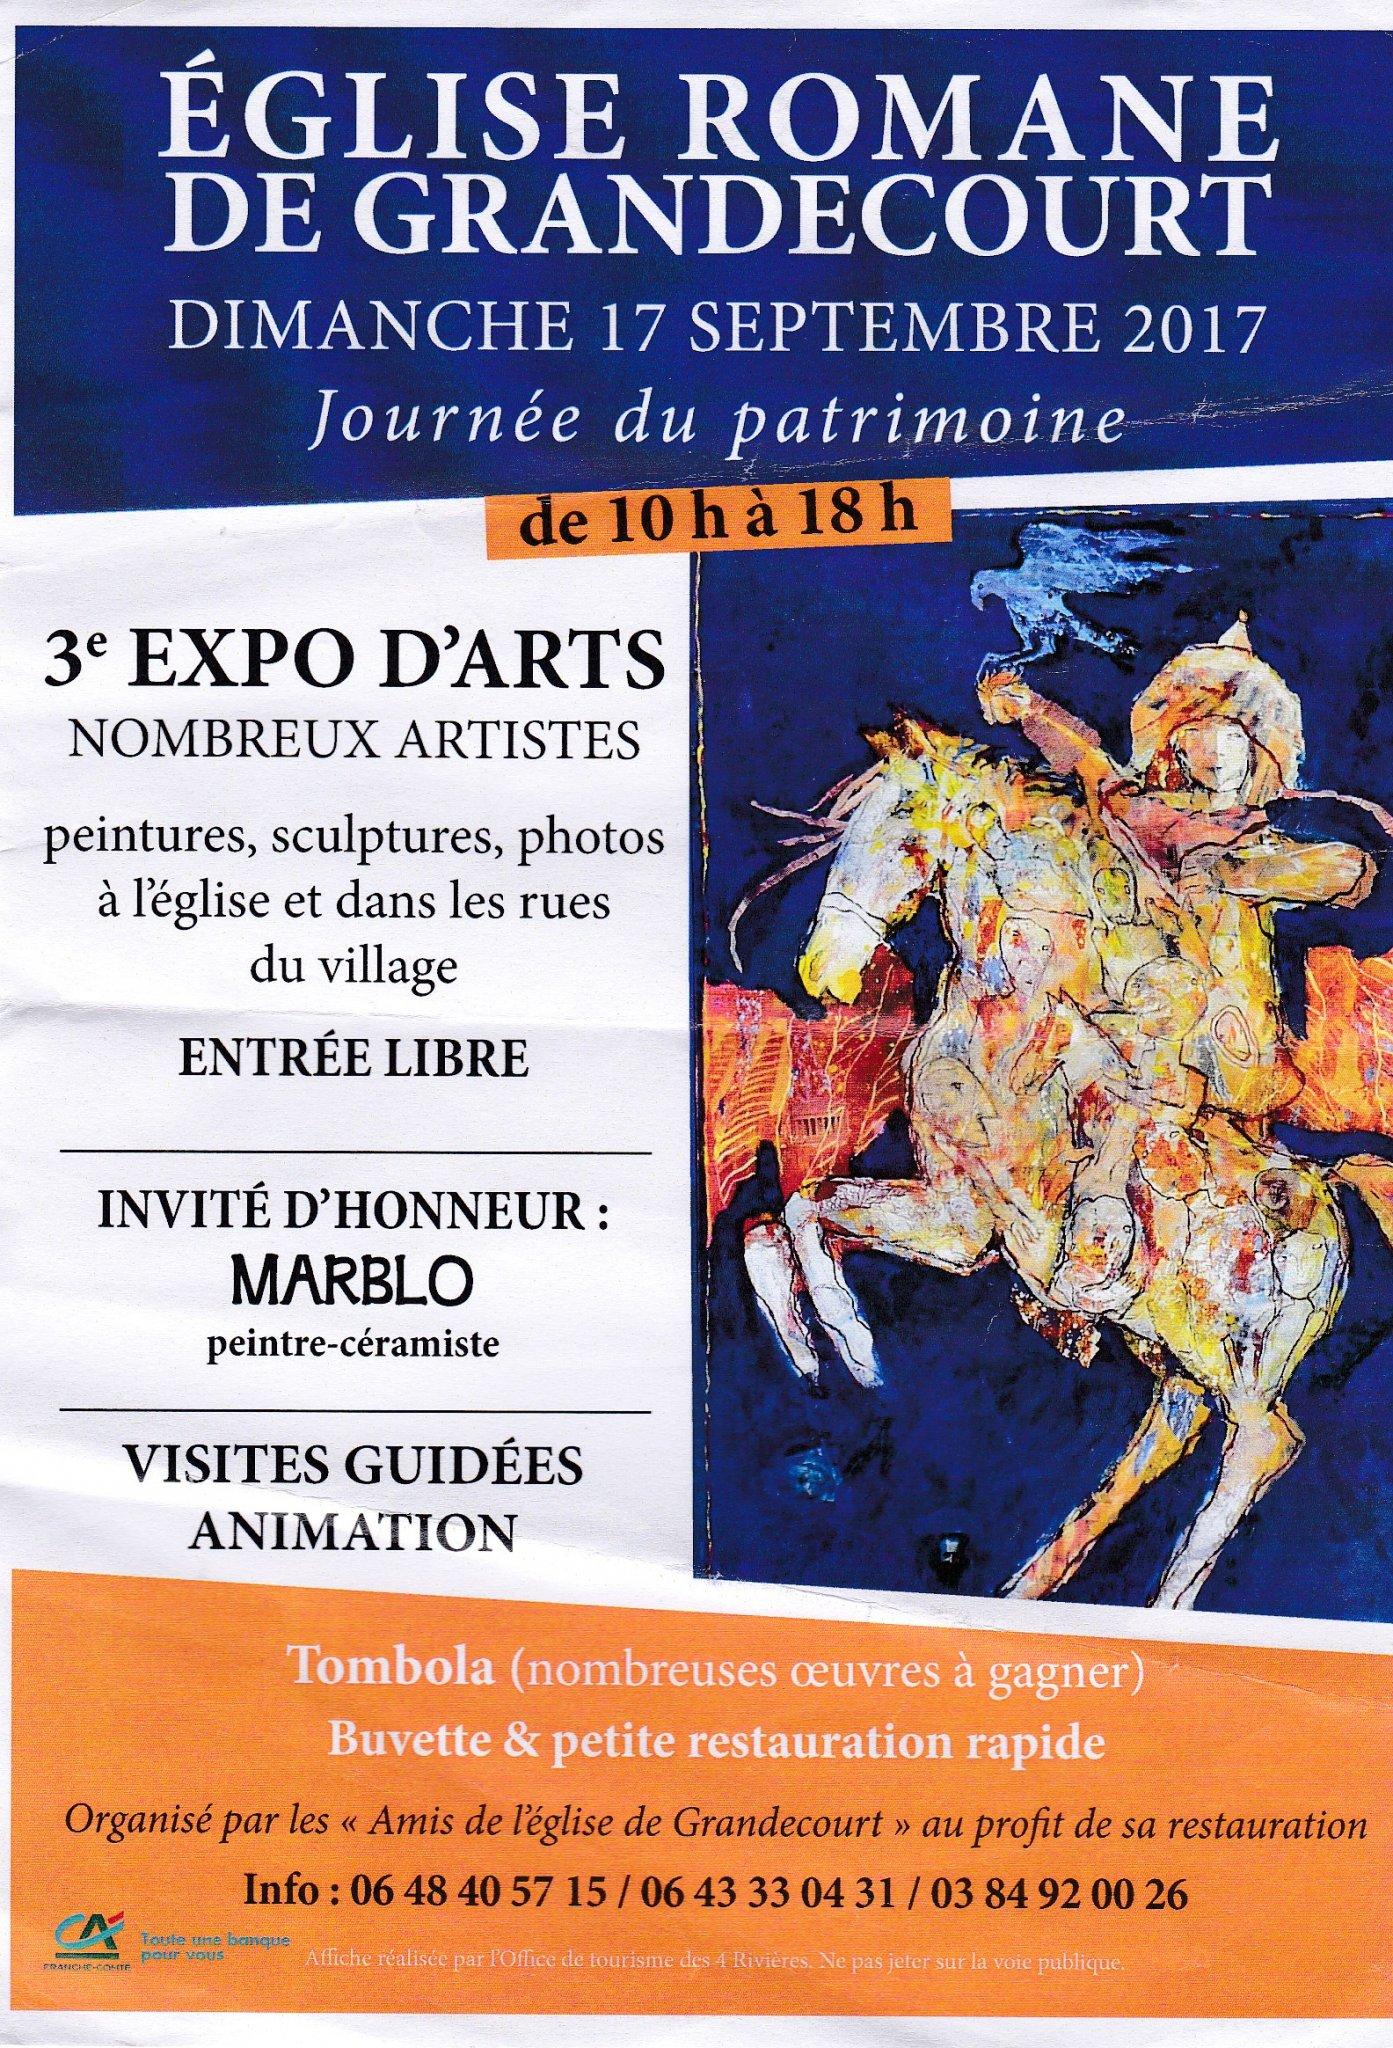 3ème Exposition à Grandecourt (Eglise romane)